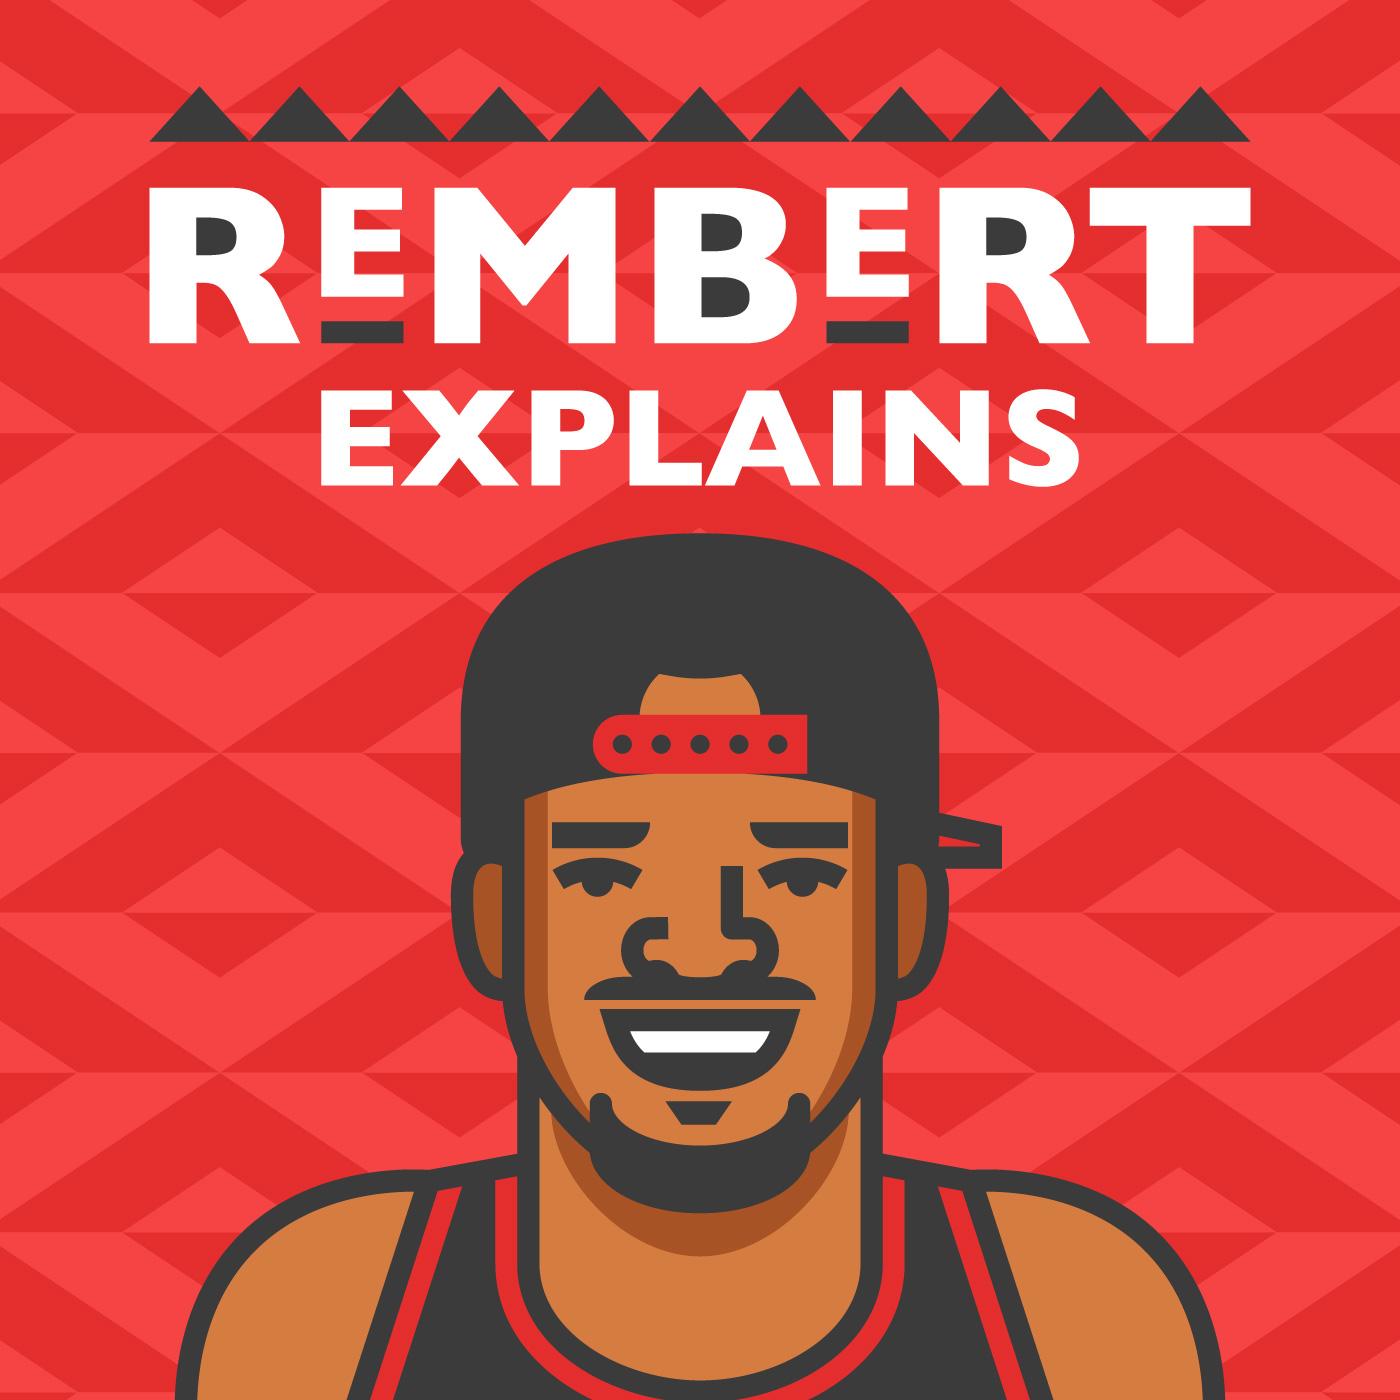 Rembert Explains